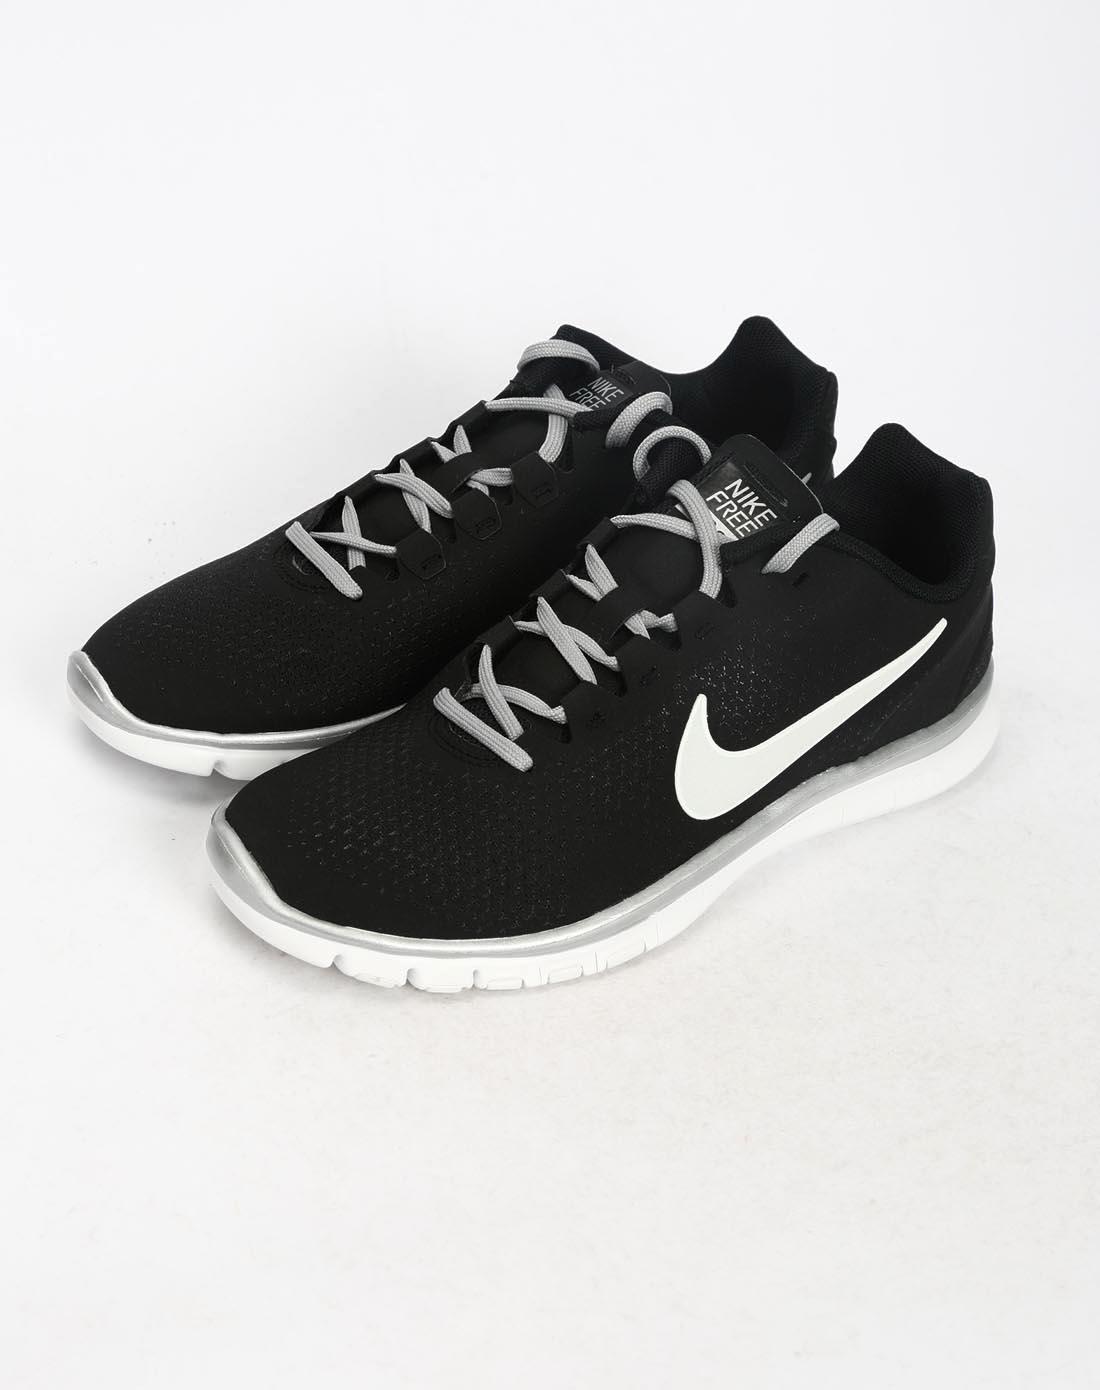 耐克nike女子黑色训练鞋512237-005